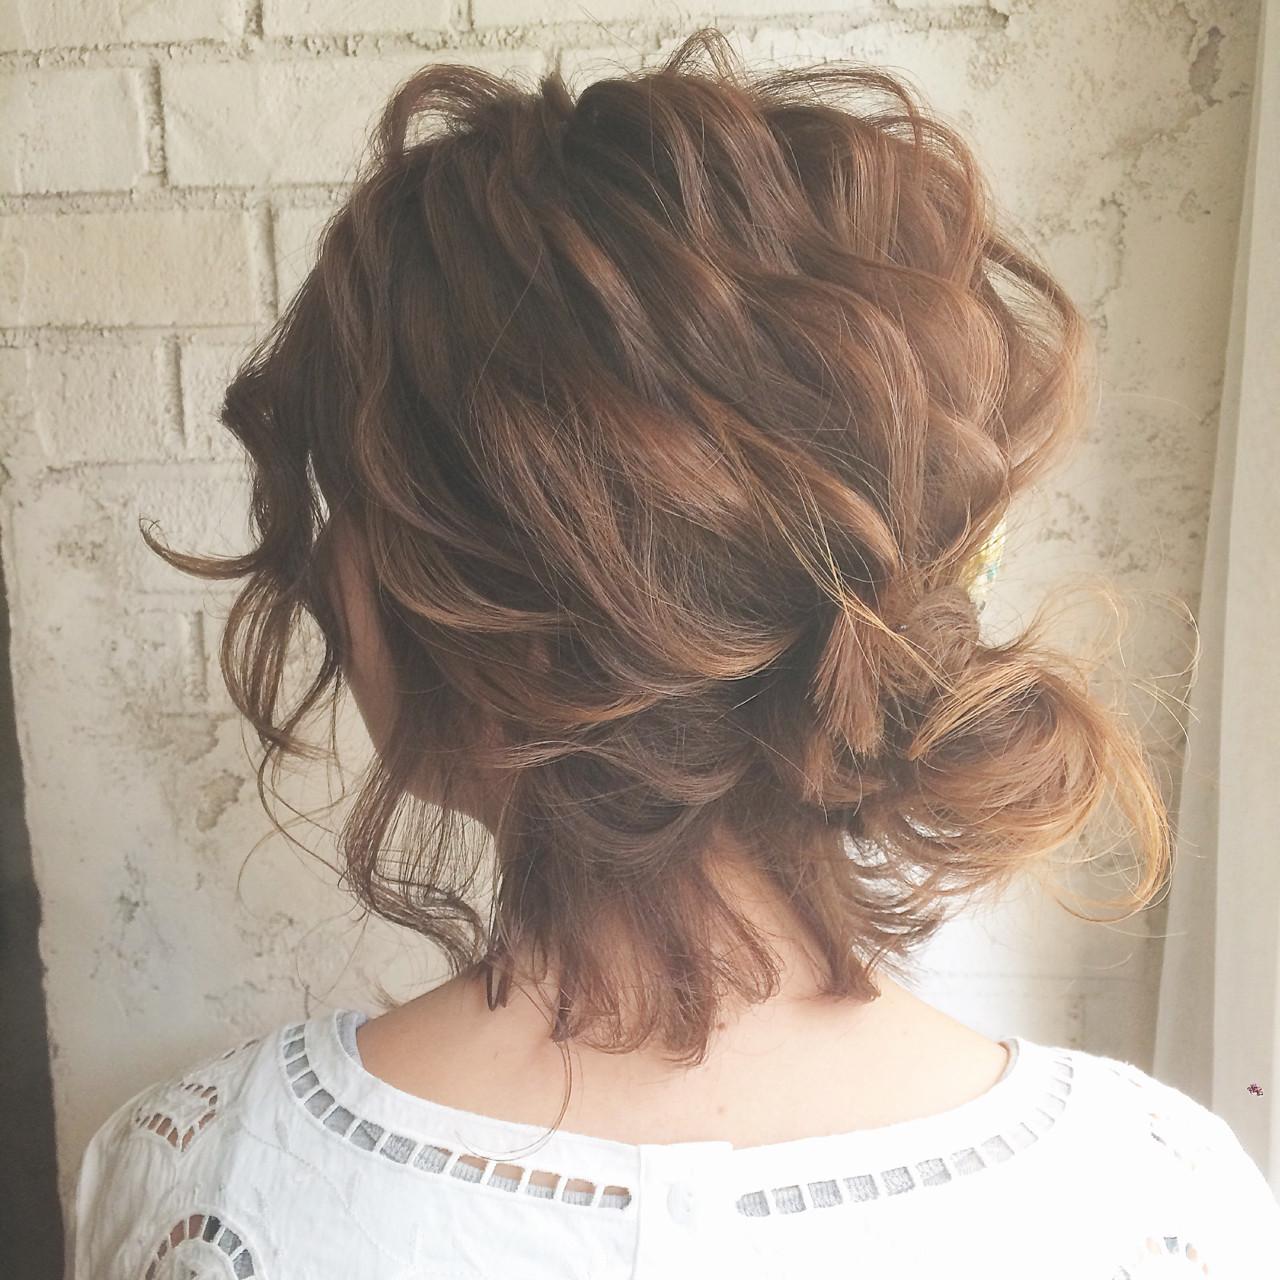 ヘアアレンジ ボブ ハーフアップ 大人女子 ヘアスタイルや髪型の写真・画像